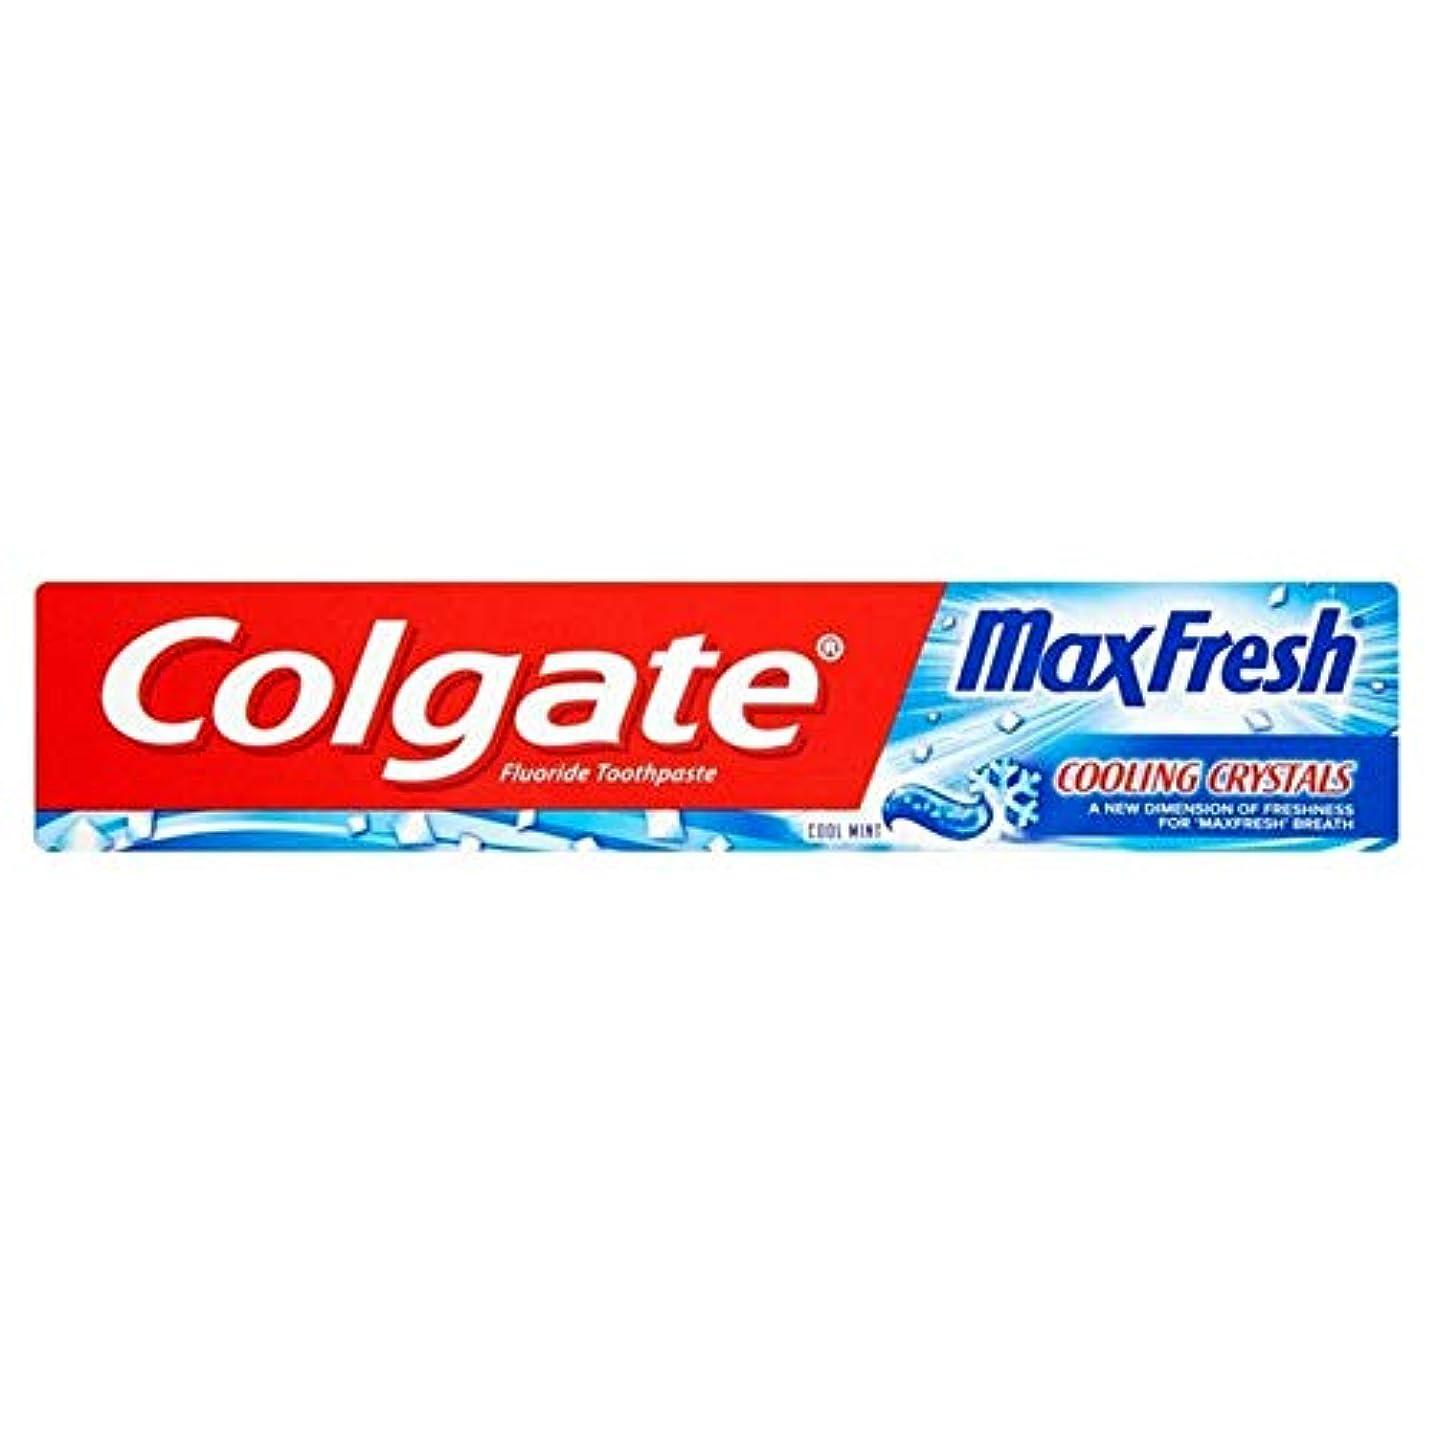 平和的呪いスキップ[Colgate ] 冷却結晶歯磨き粉75ミリリットル新鮮なコルゲートマックス - Colgate Max Fresh with Cooling Crystals Toothpaste 75ml [並行輸入品]